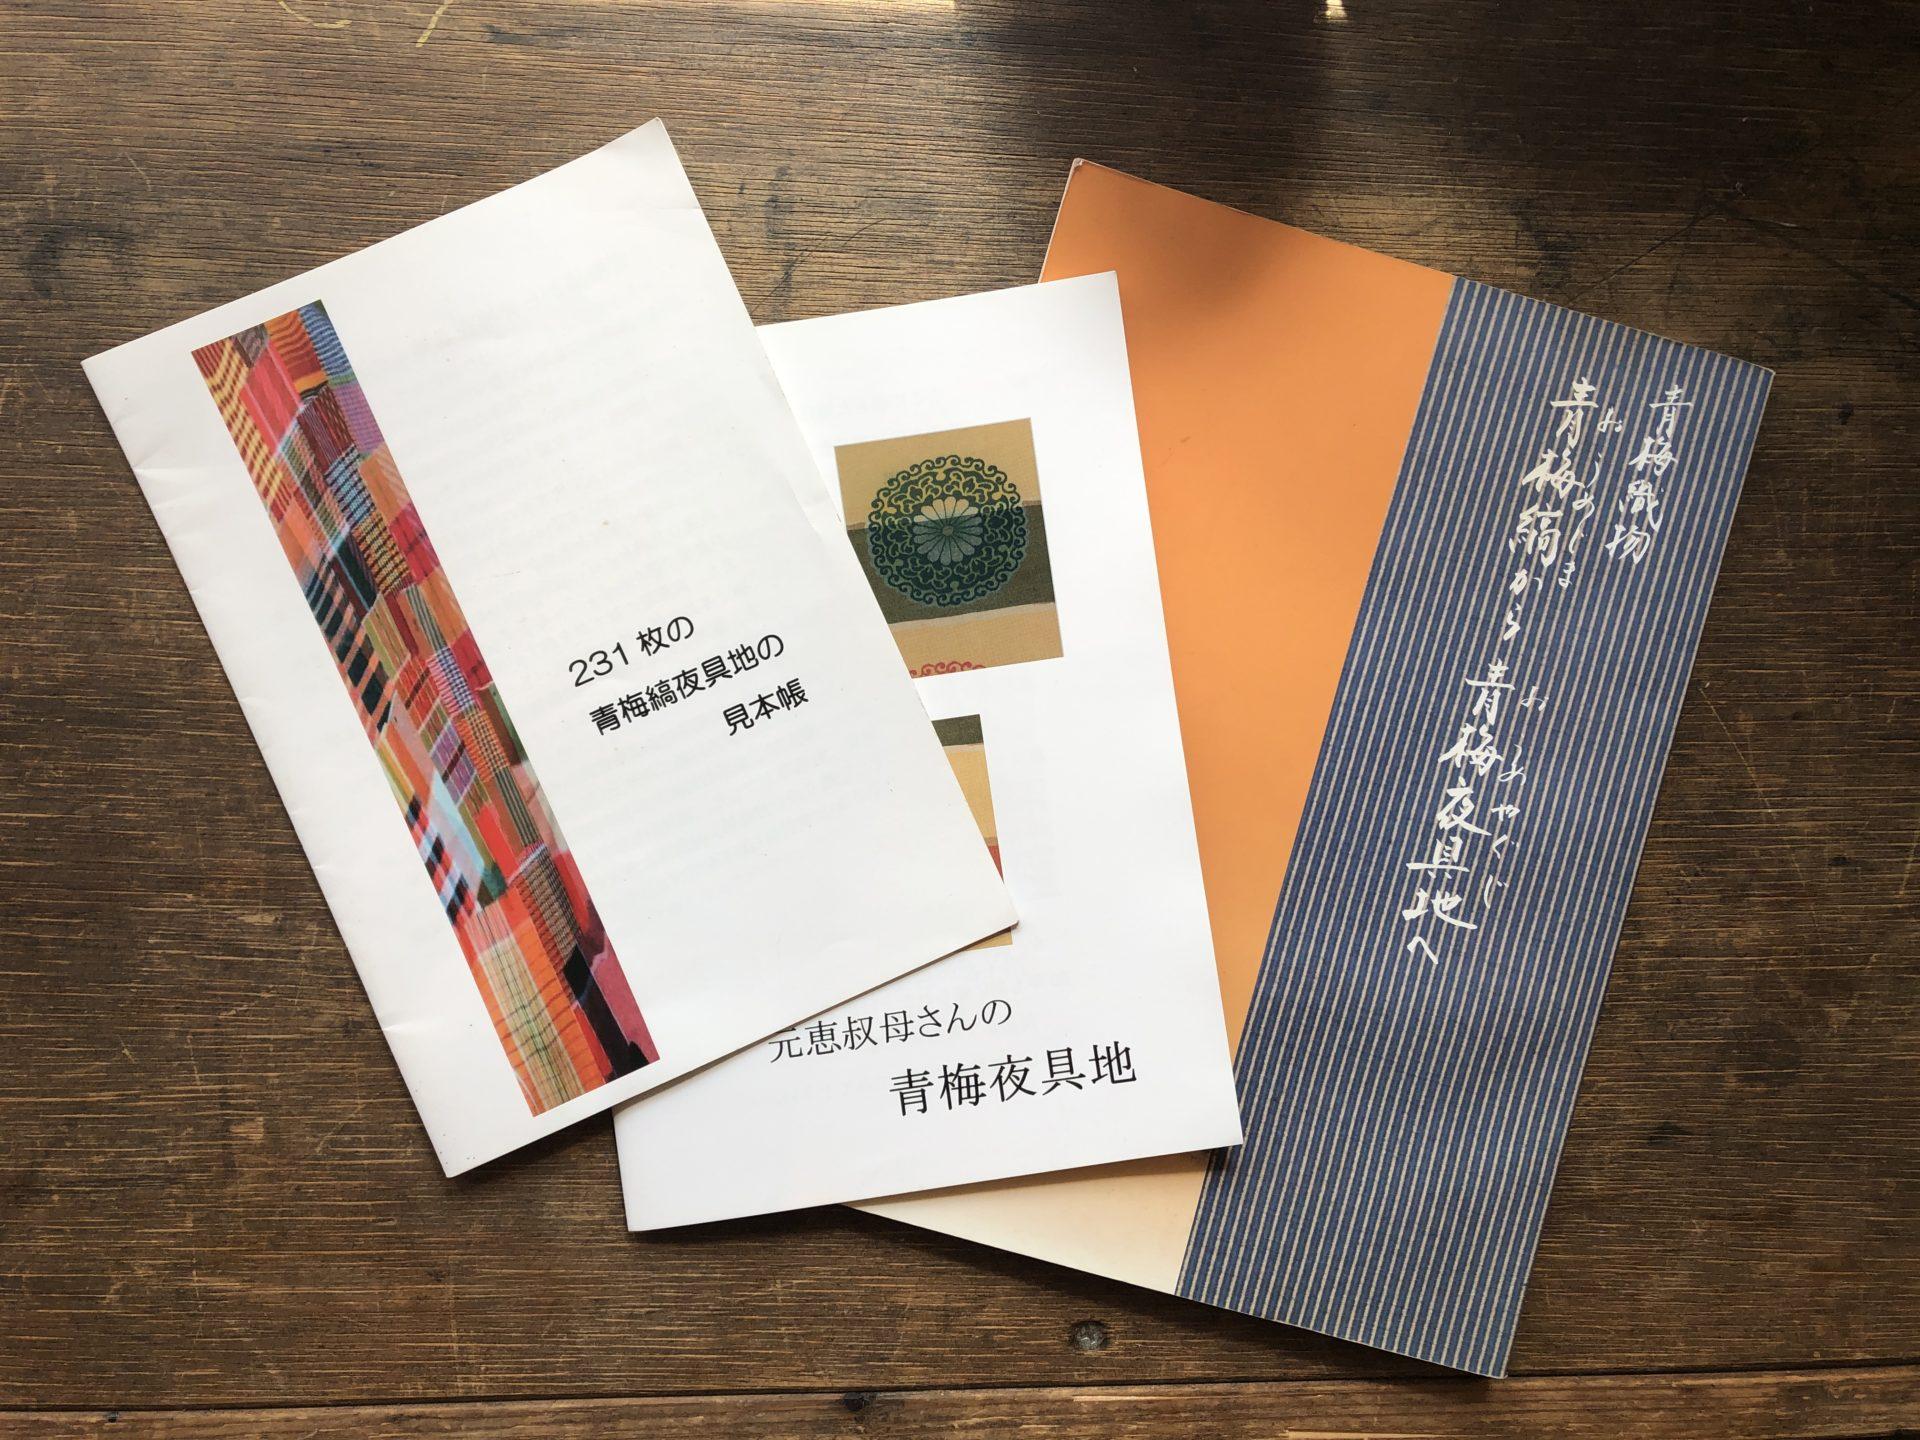 自主制作の見本帳や、出版に関わった書籍